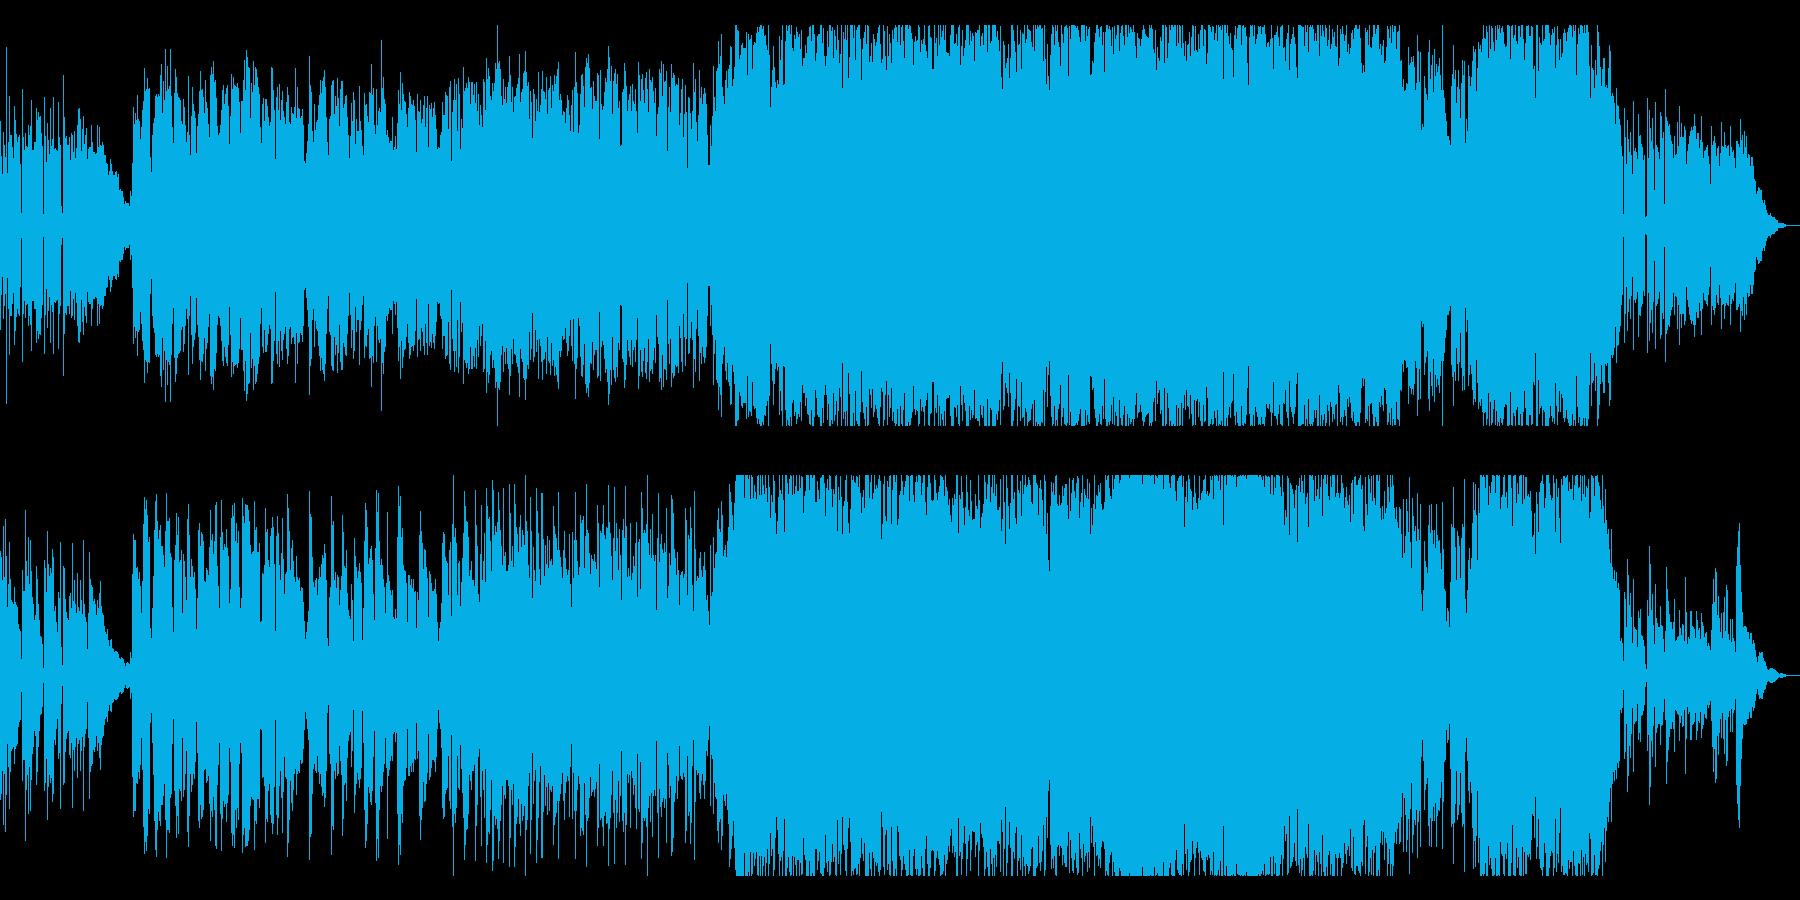 やさしいサウンドと歌声のアコースティックの再生済みの波形